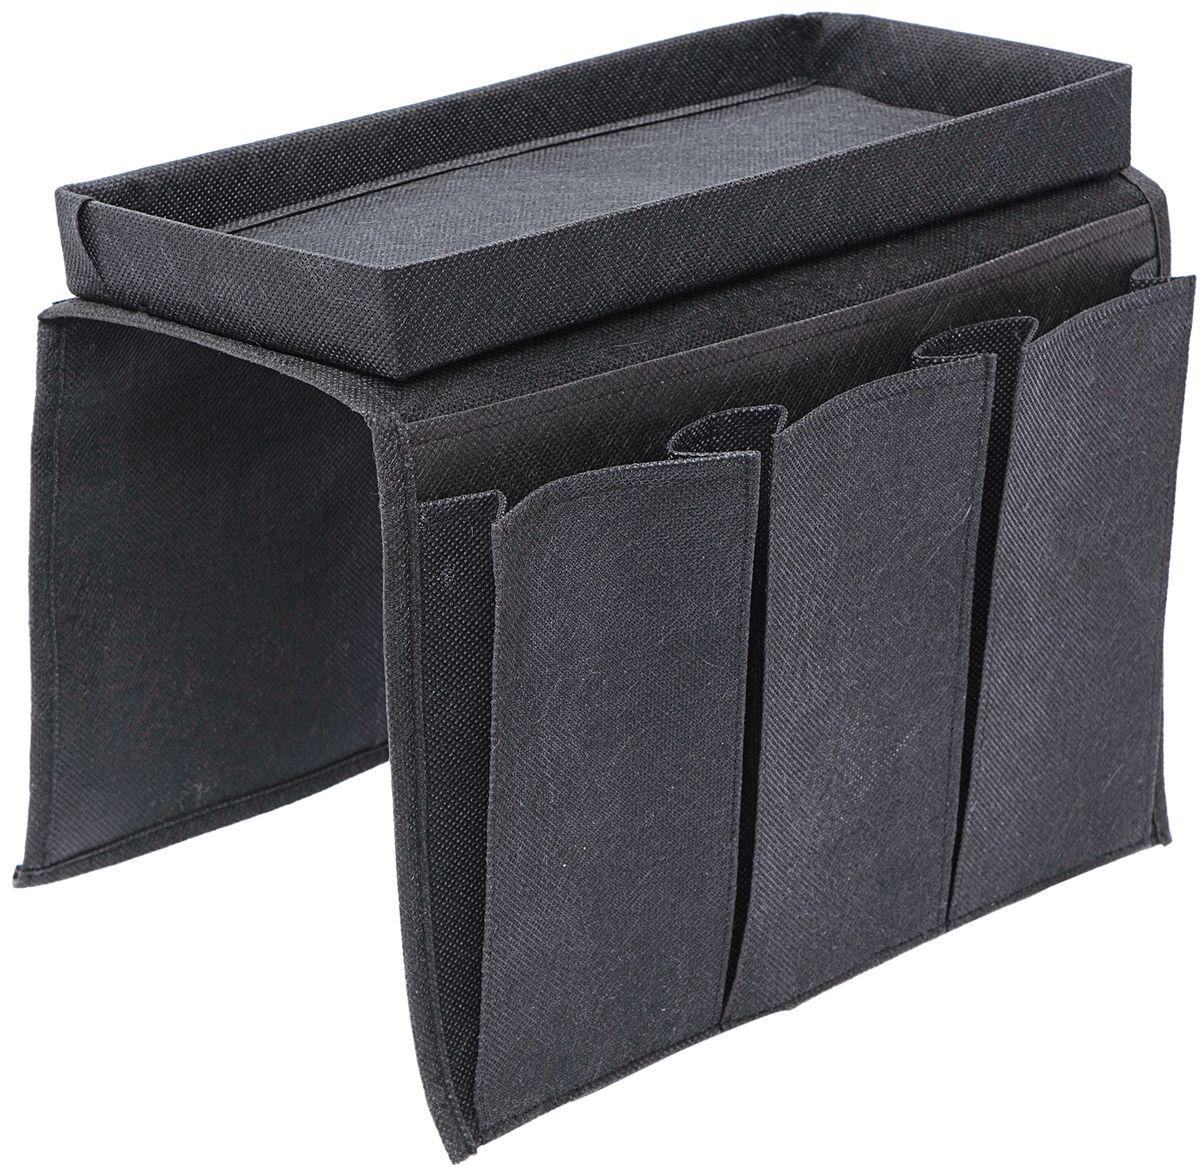 Органайзер на подлокотник дивана Homsu, цвет: черный, 32 x 57 смHOM-838Органайзер на подлокотник дивана Homsu может использоваться не только как столик, но и как удобное решение для хранения пультов, очков, газет и других предметов благодаря пяти карманам, размещенным по бокам изделия.Размер: 32 x 57 см.